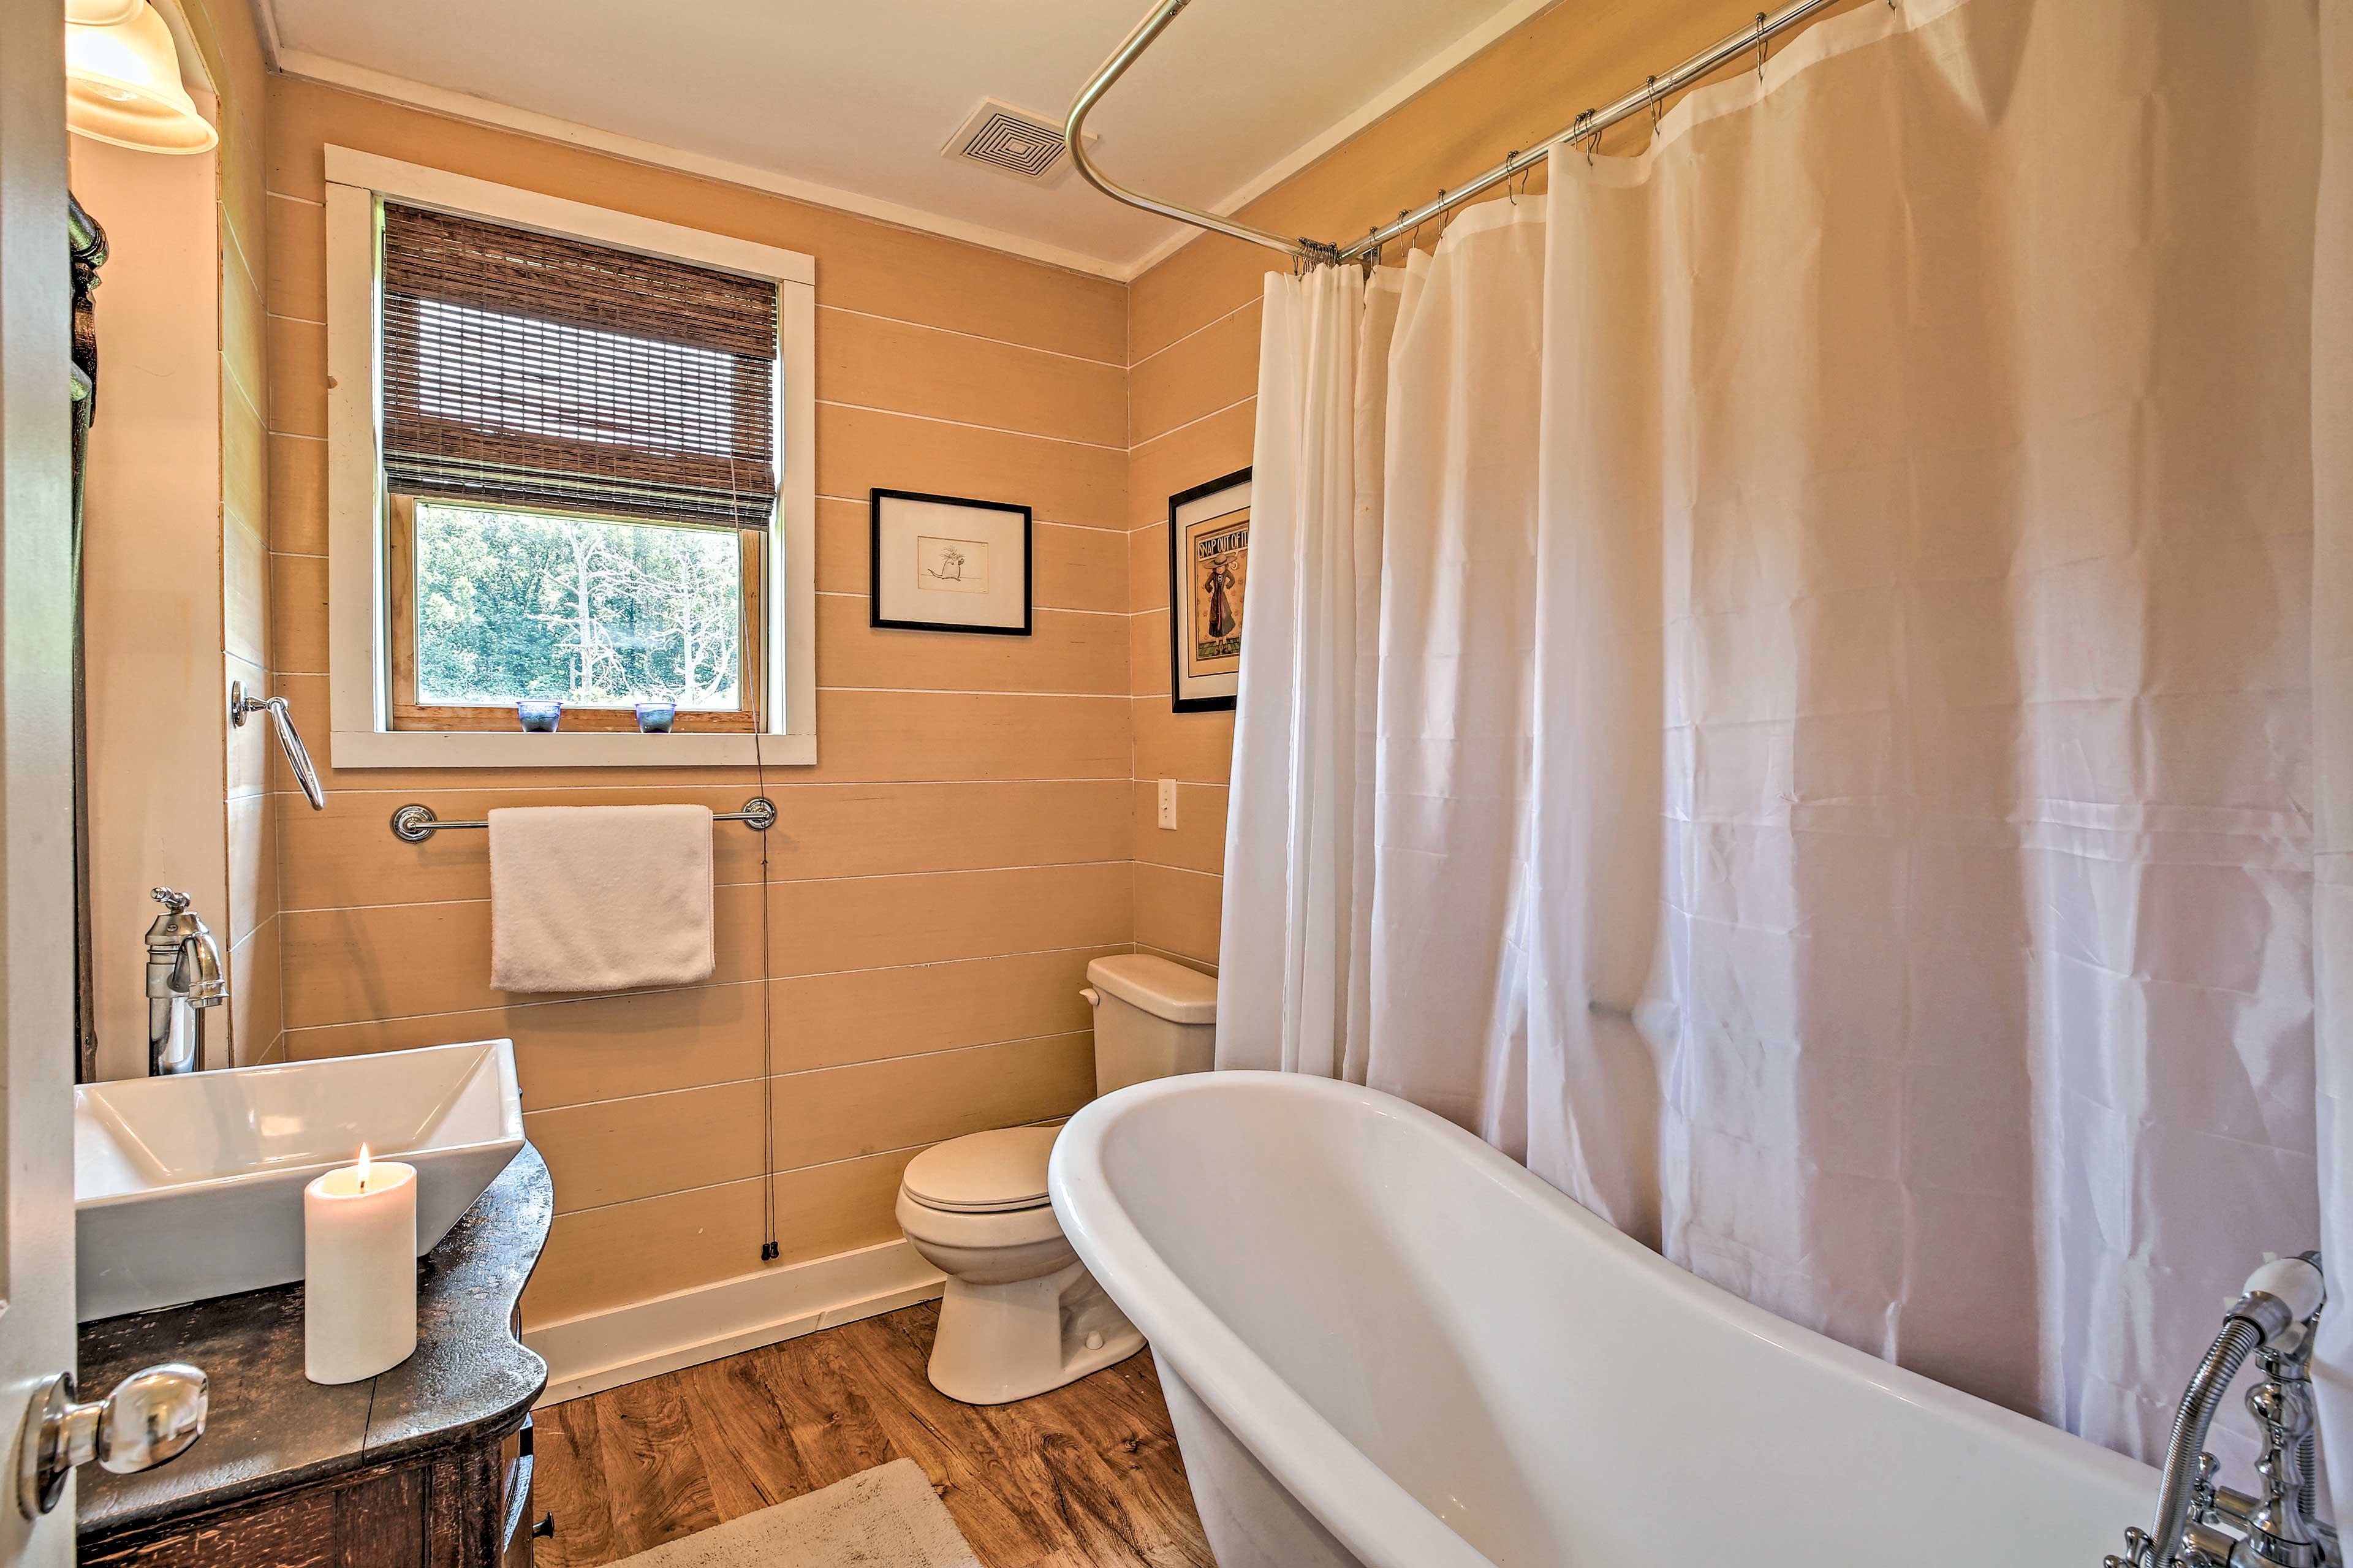 Relax in the clawfoot bathtub.